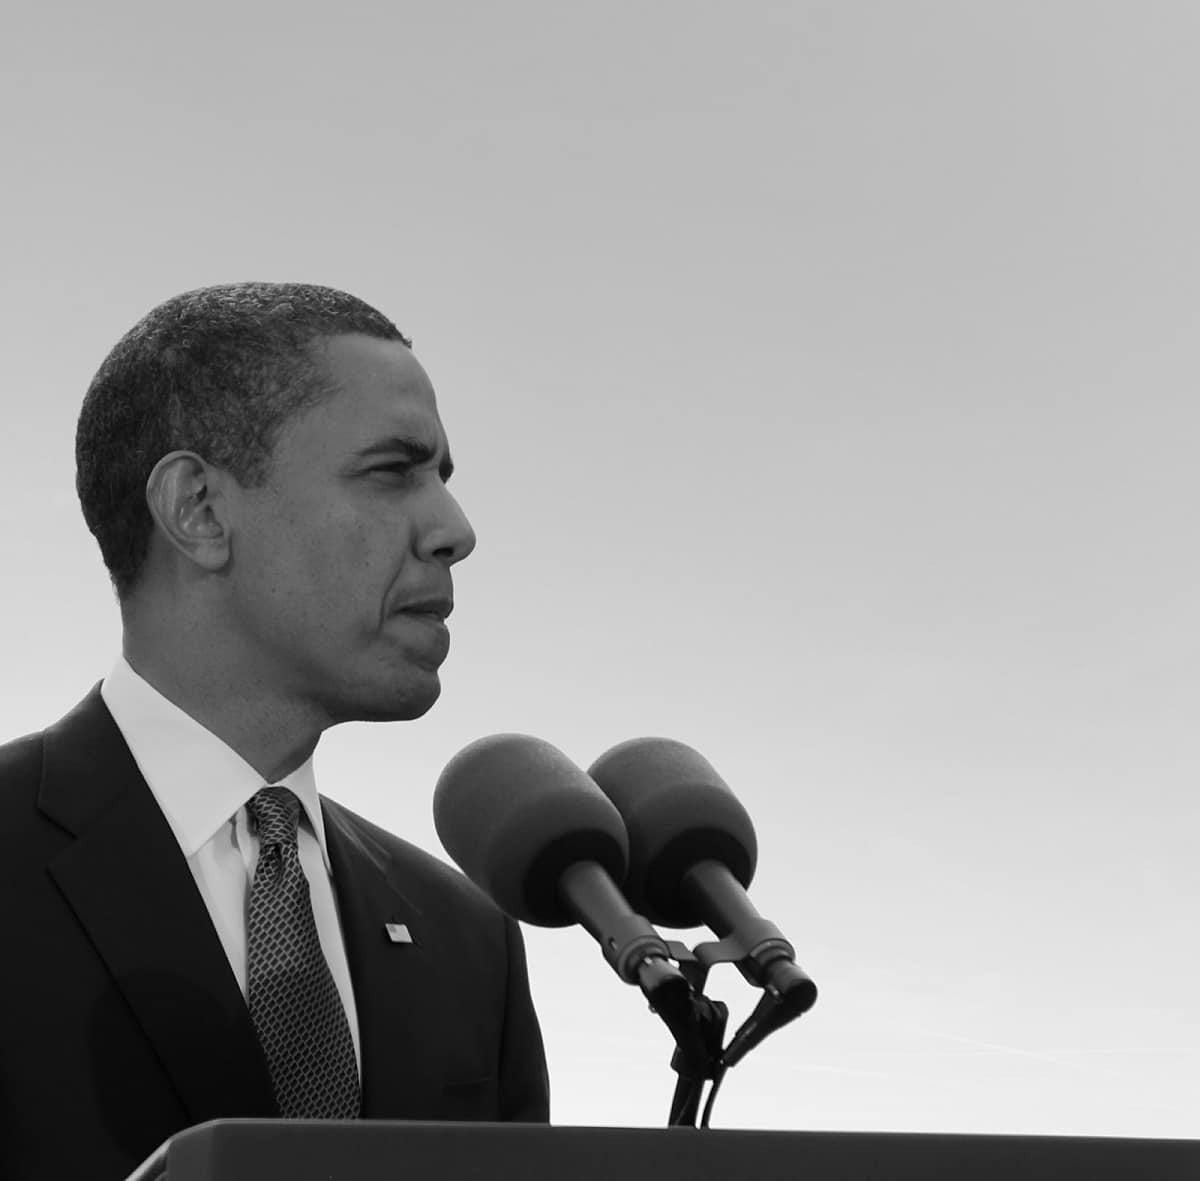 discurso de obama sobre el racismo